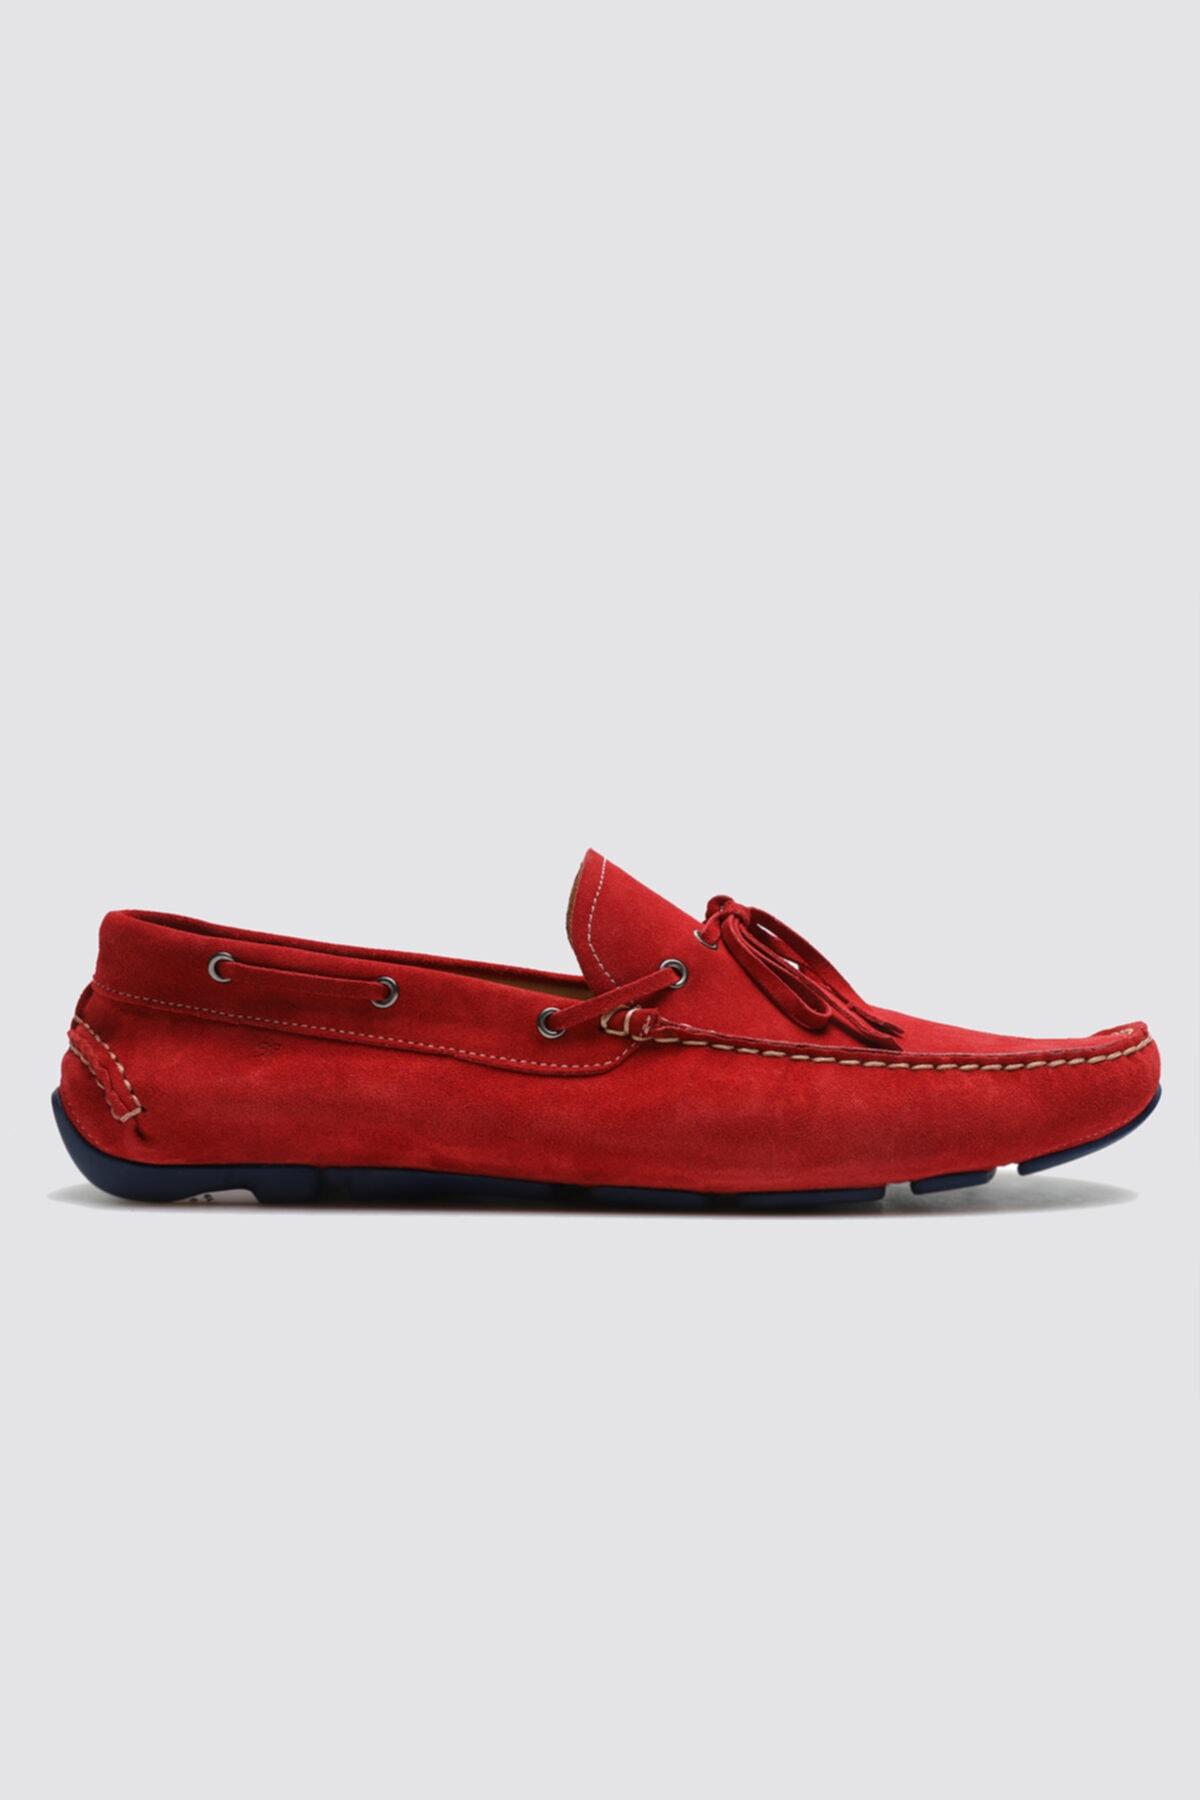 D'S Damat Damat Kırmızı Ayakkabı 2